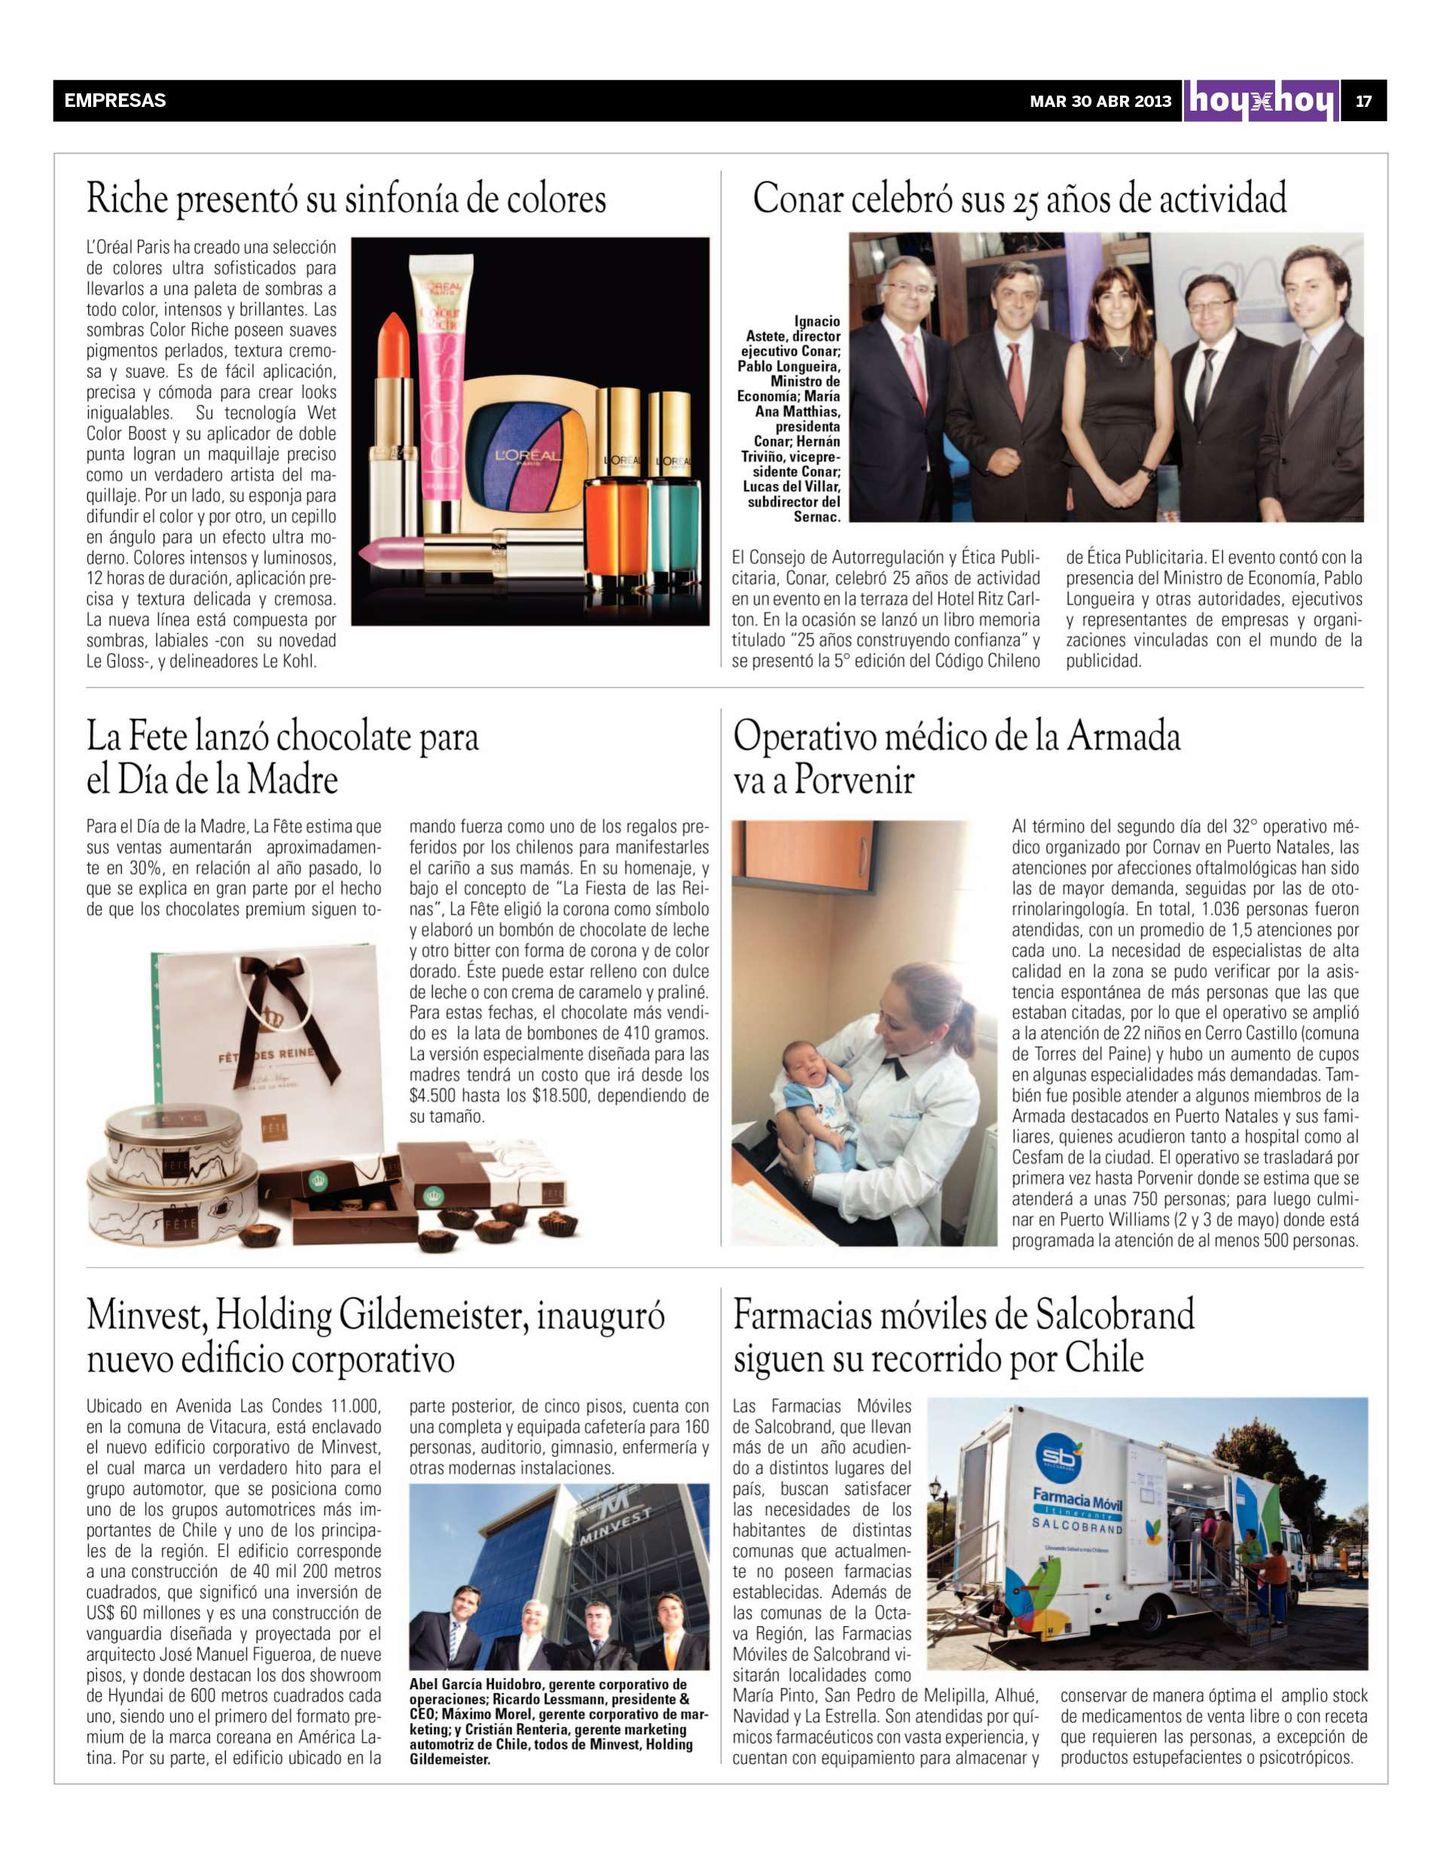 537e0a26e Página 17   hoyxhoy.cl - HoyxHoy, el diario que no tiene precio - Santiago,  Chile - 30.04.2013